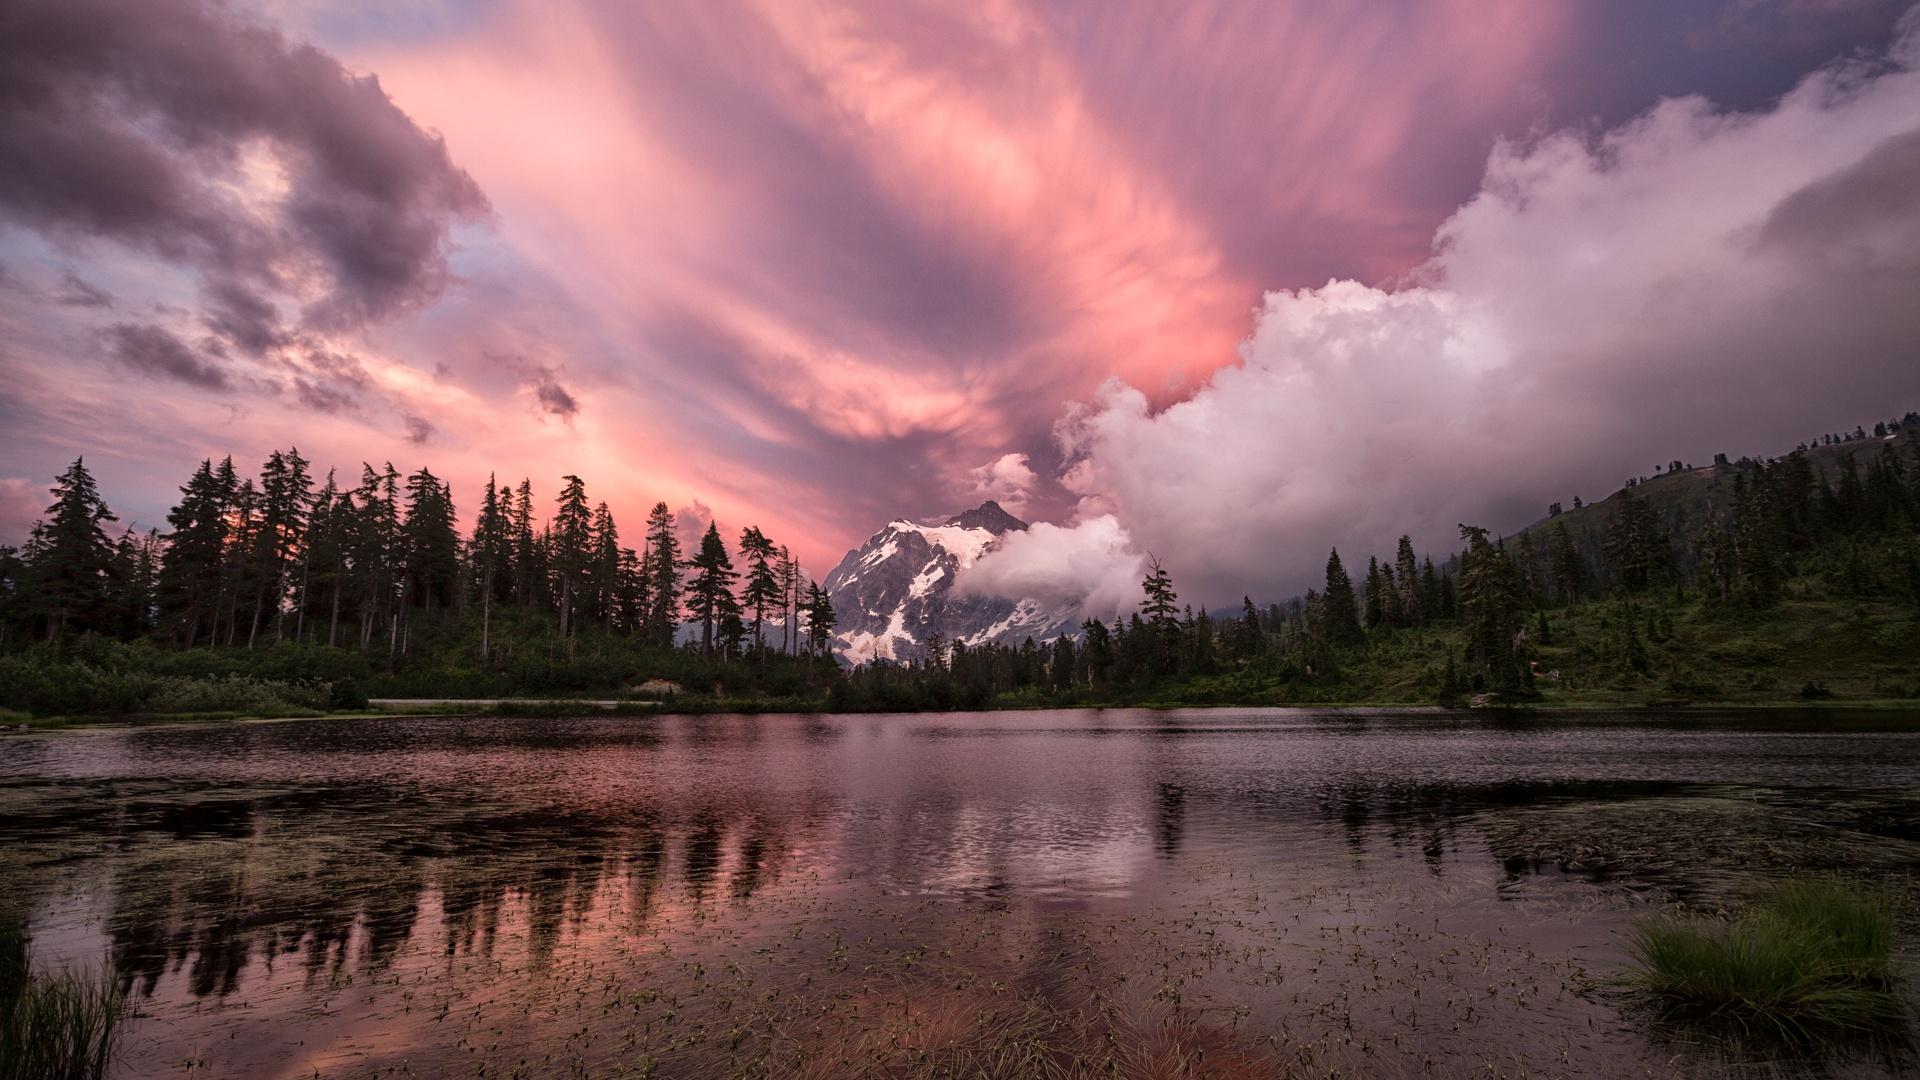 Облака над озером, галька, горы, лес  № 2950483 без смс